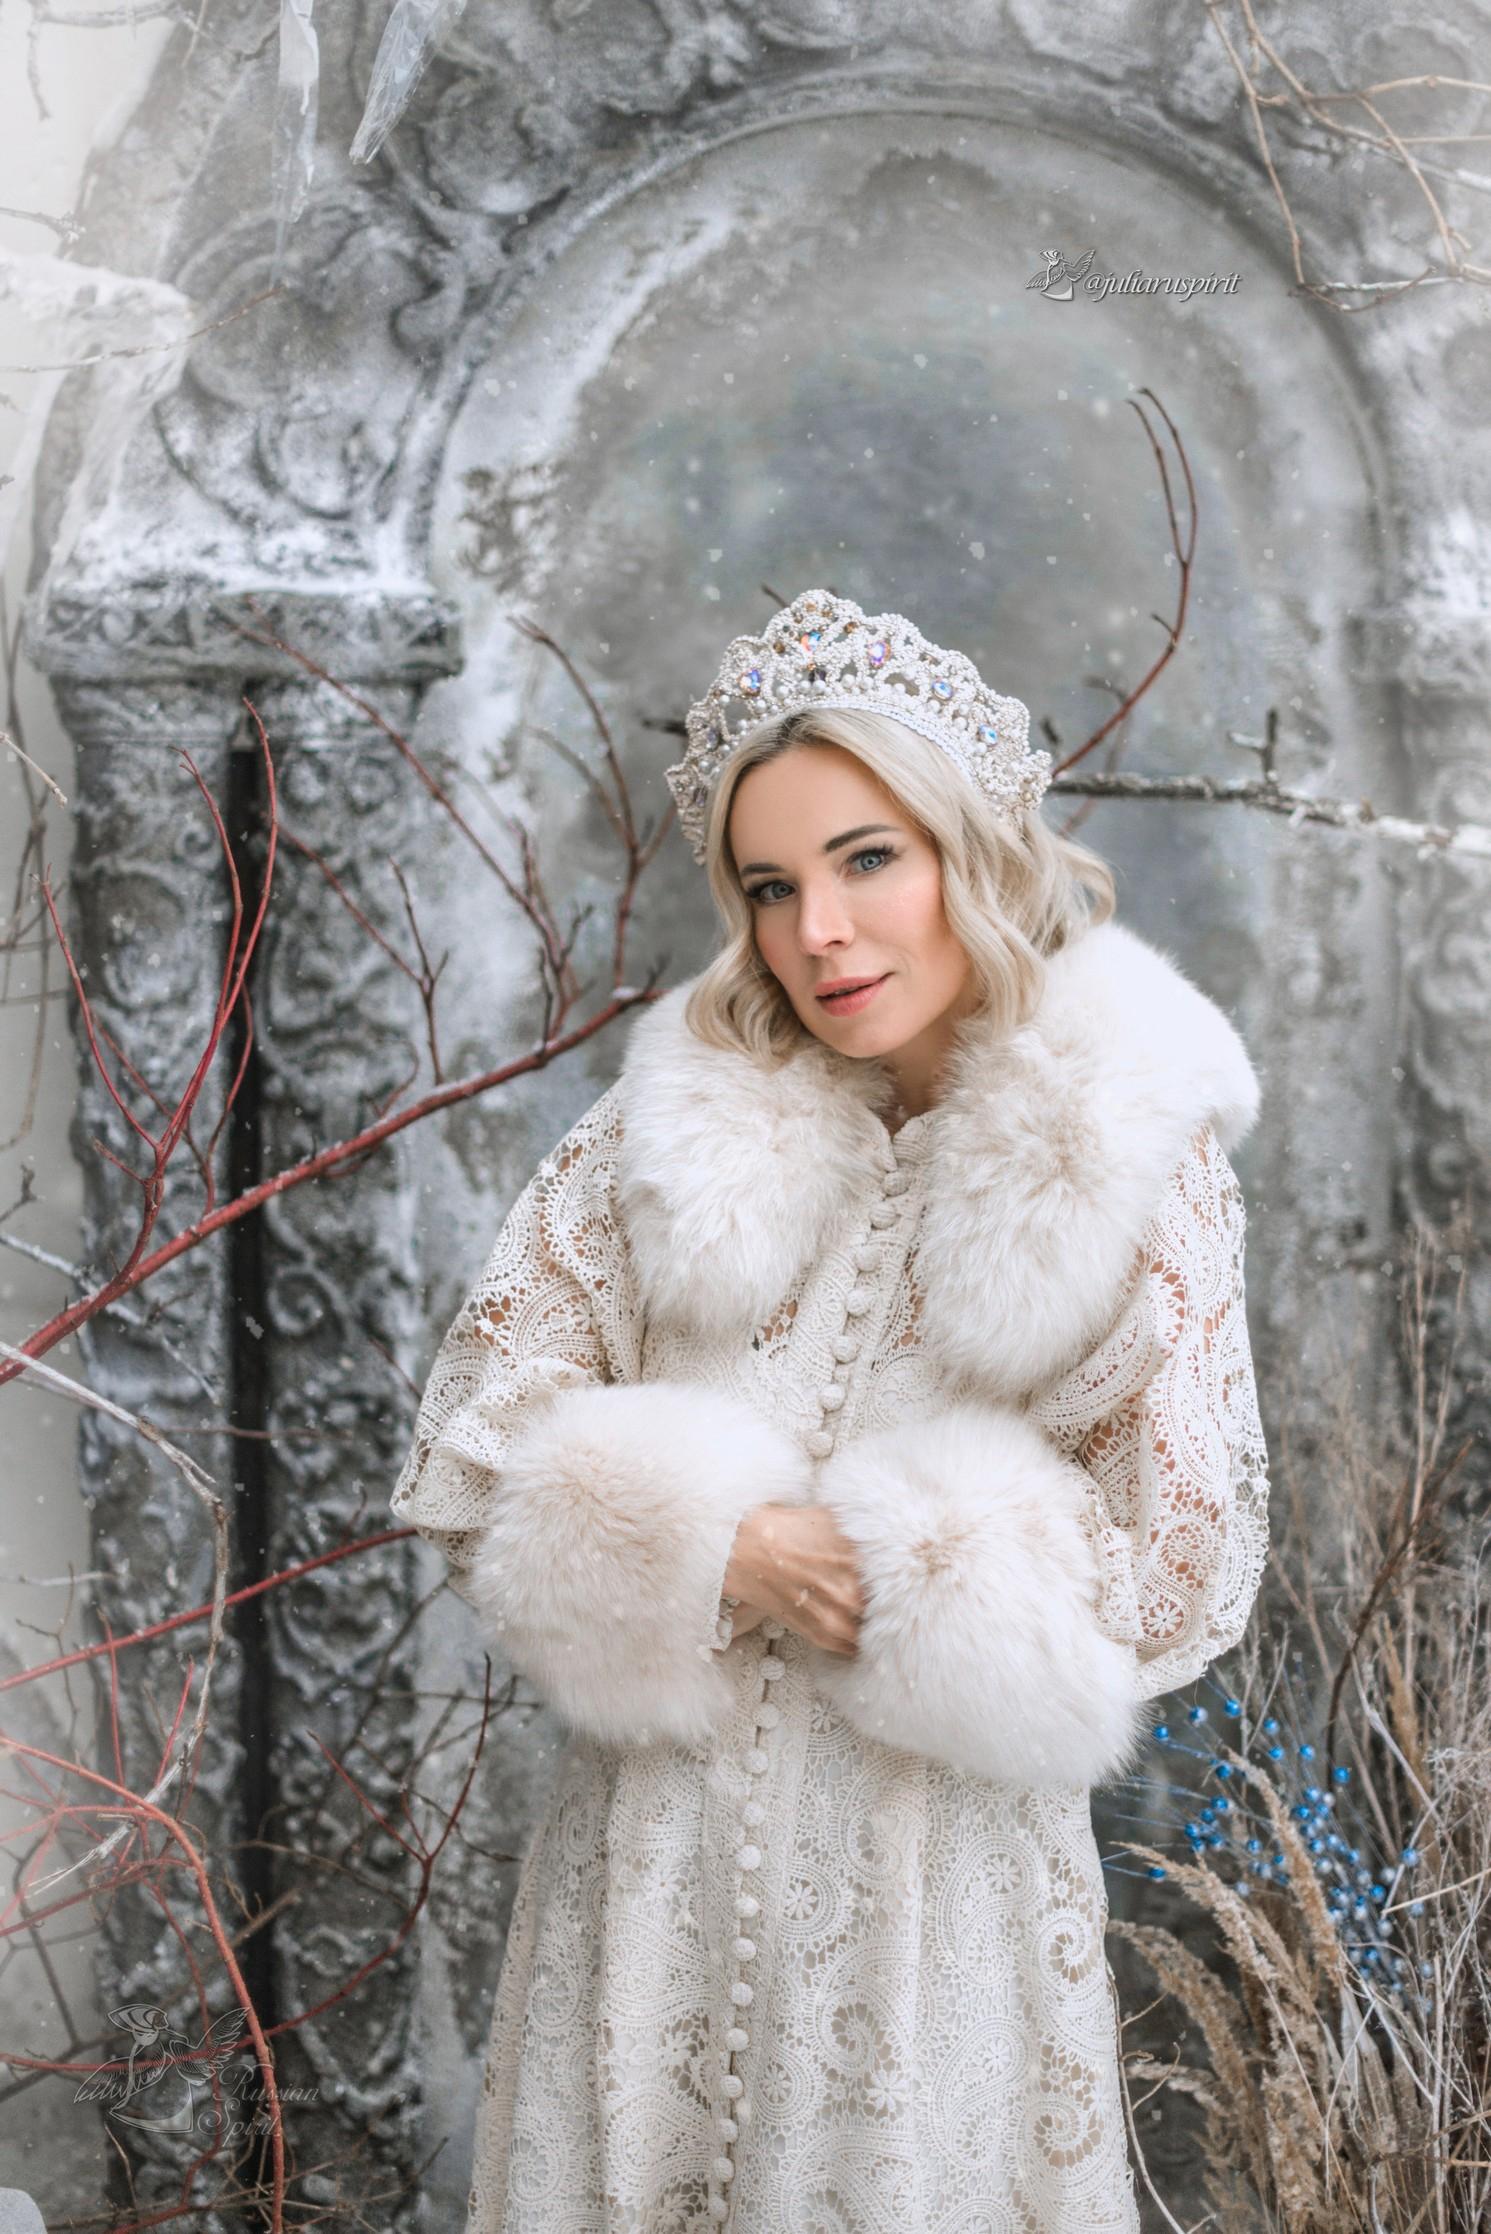 Девушка на фотосессии в нежном кружевном платье зимой